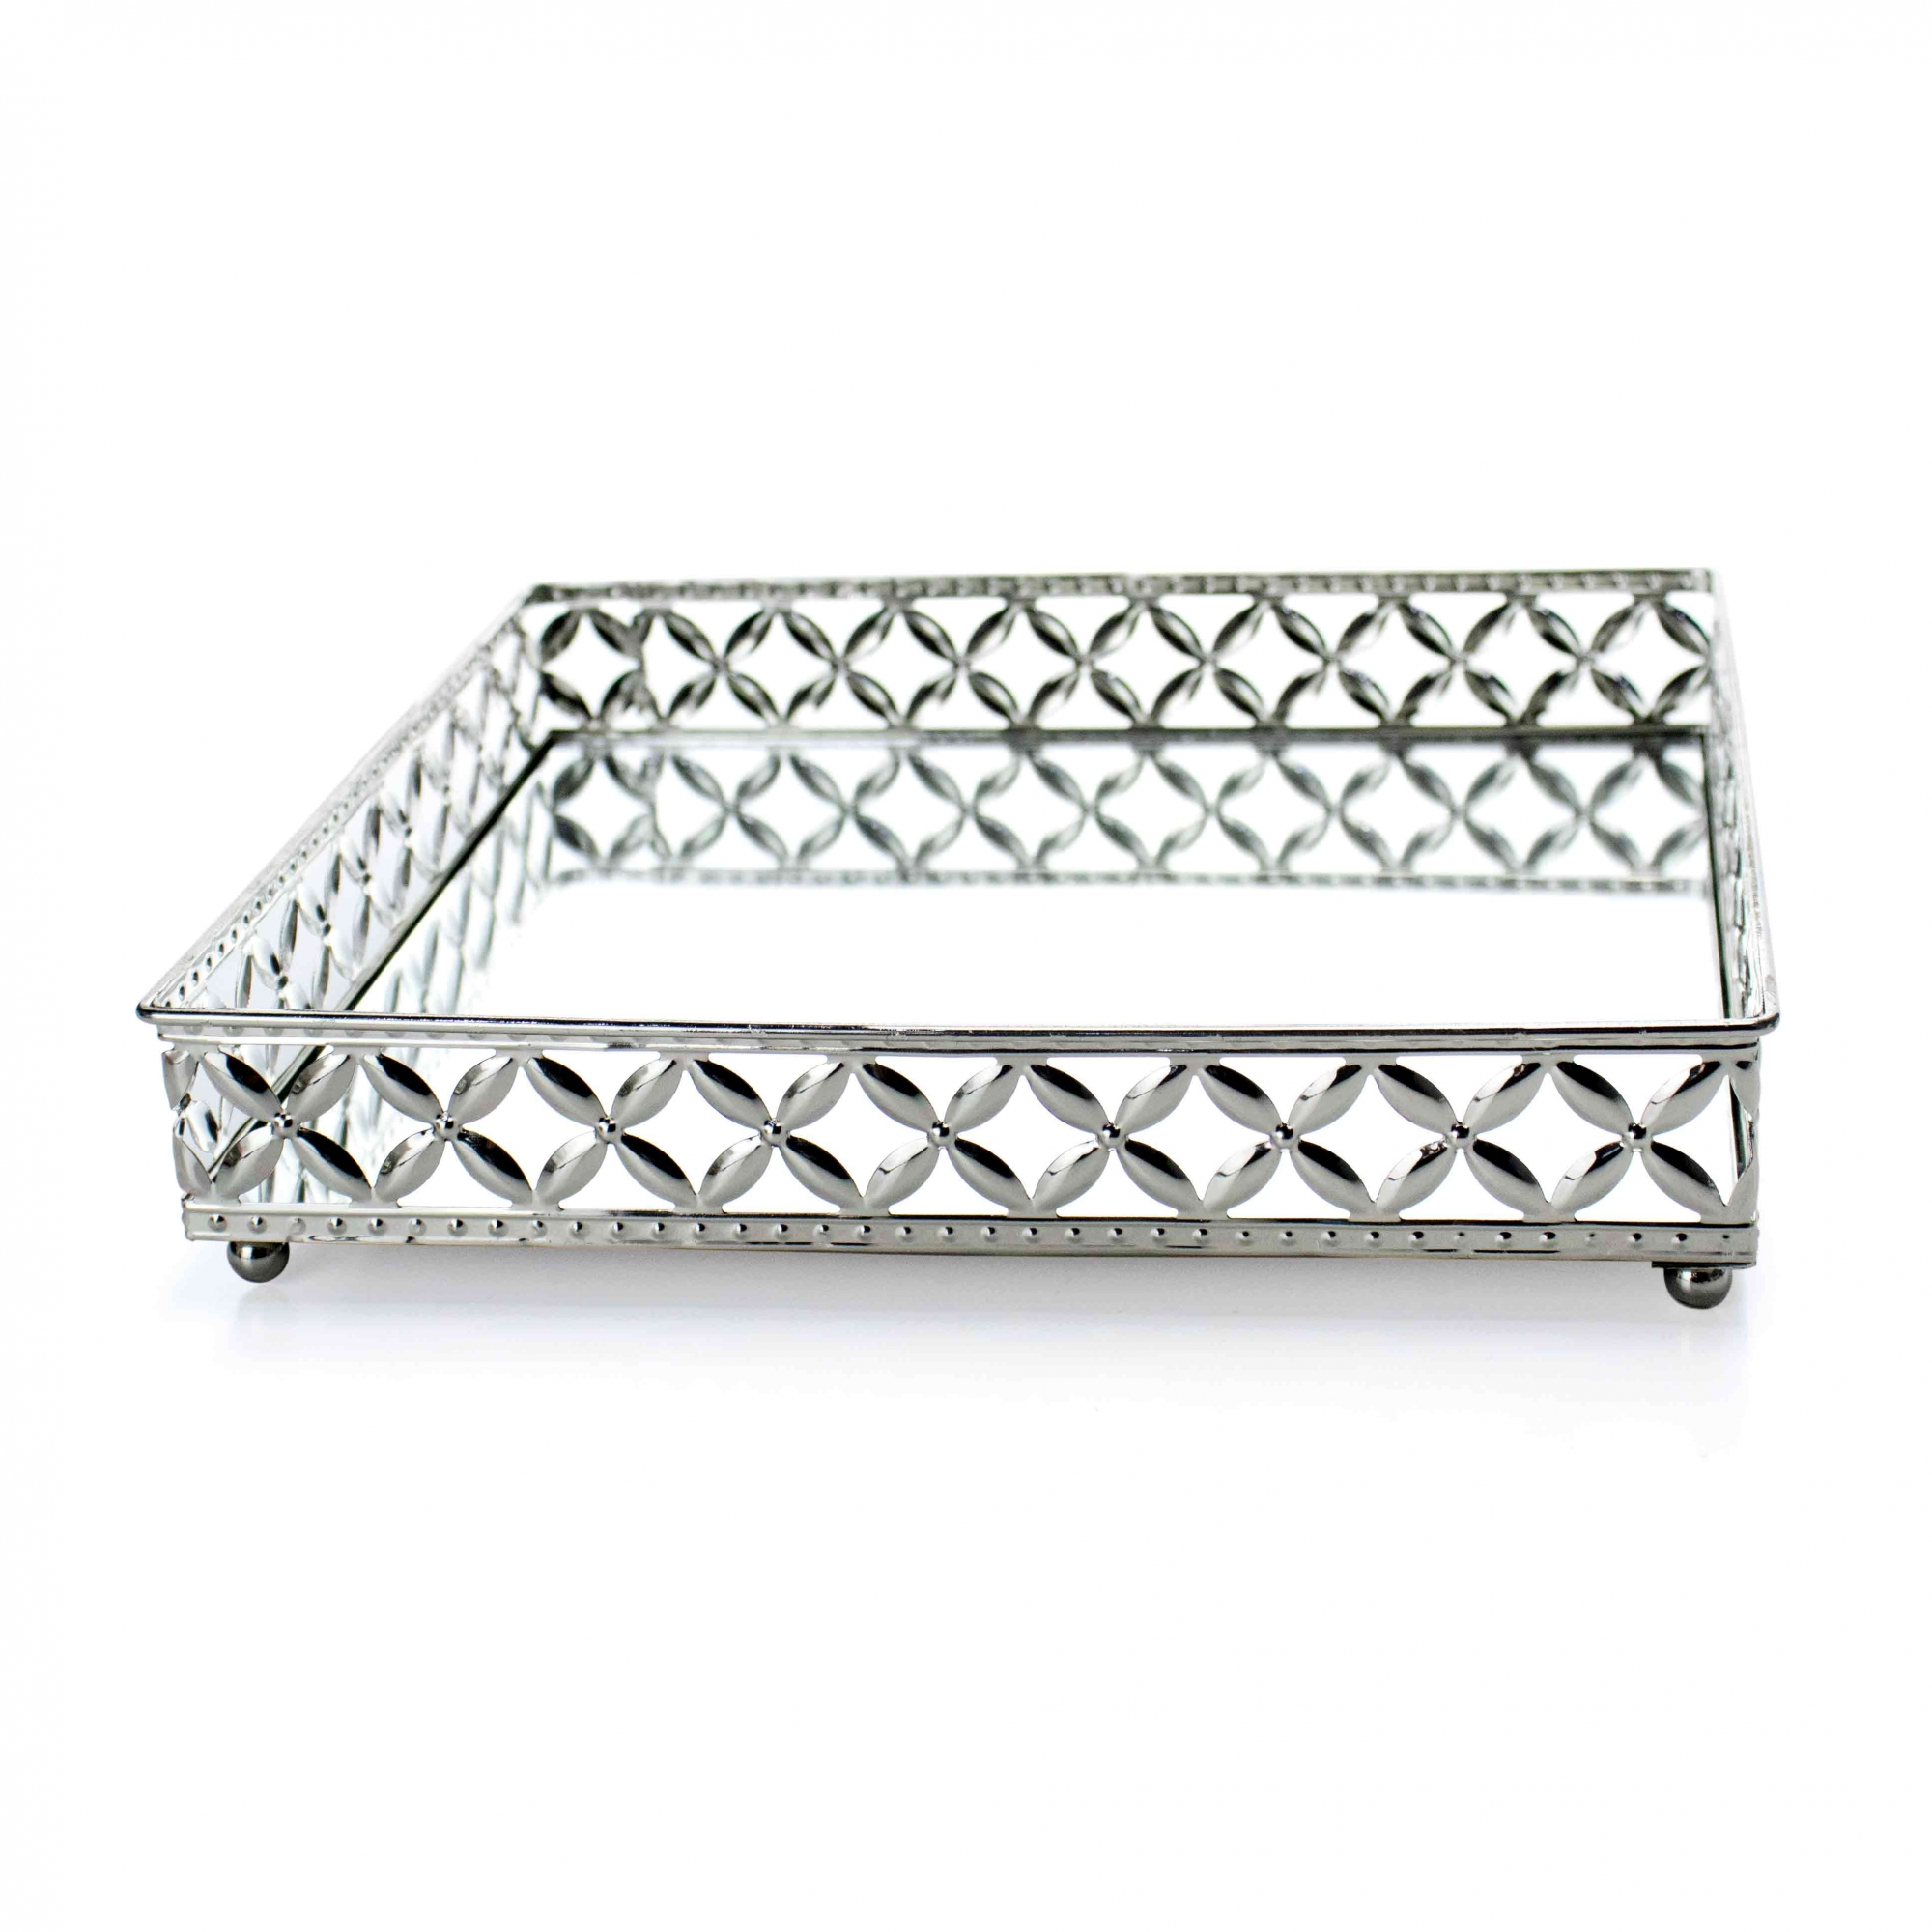 Bandeja Decorativa Quadrada G em Metal Prata com Espelho 5x25 cm - D'Rossi